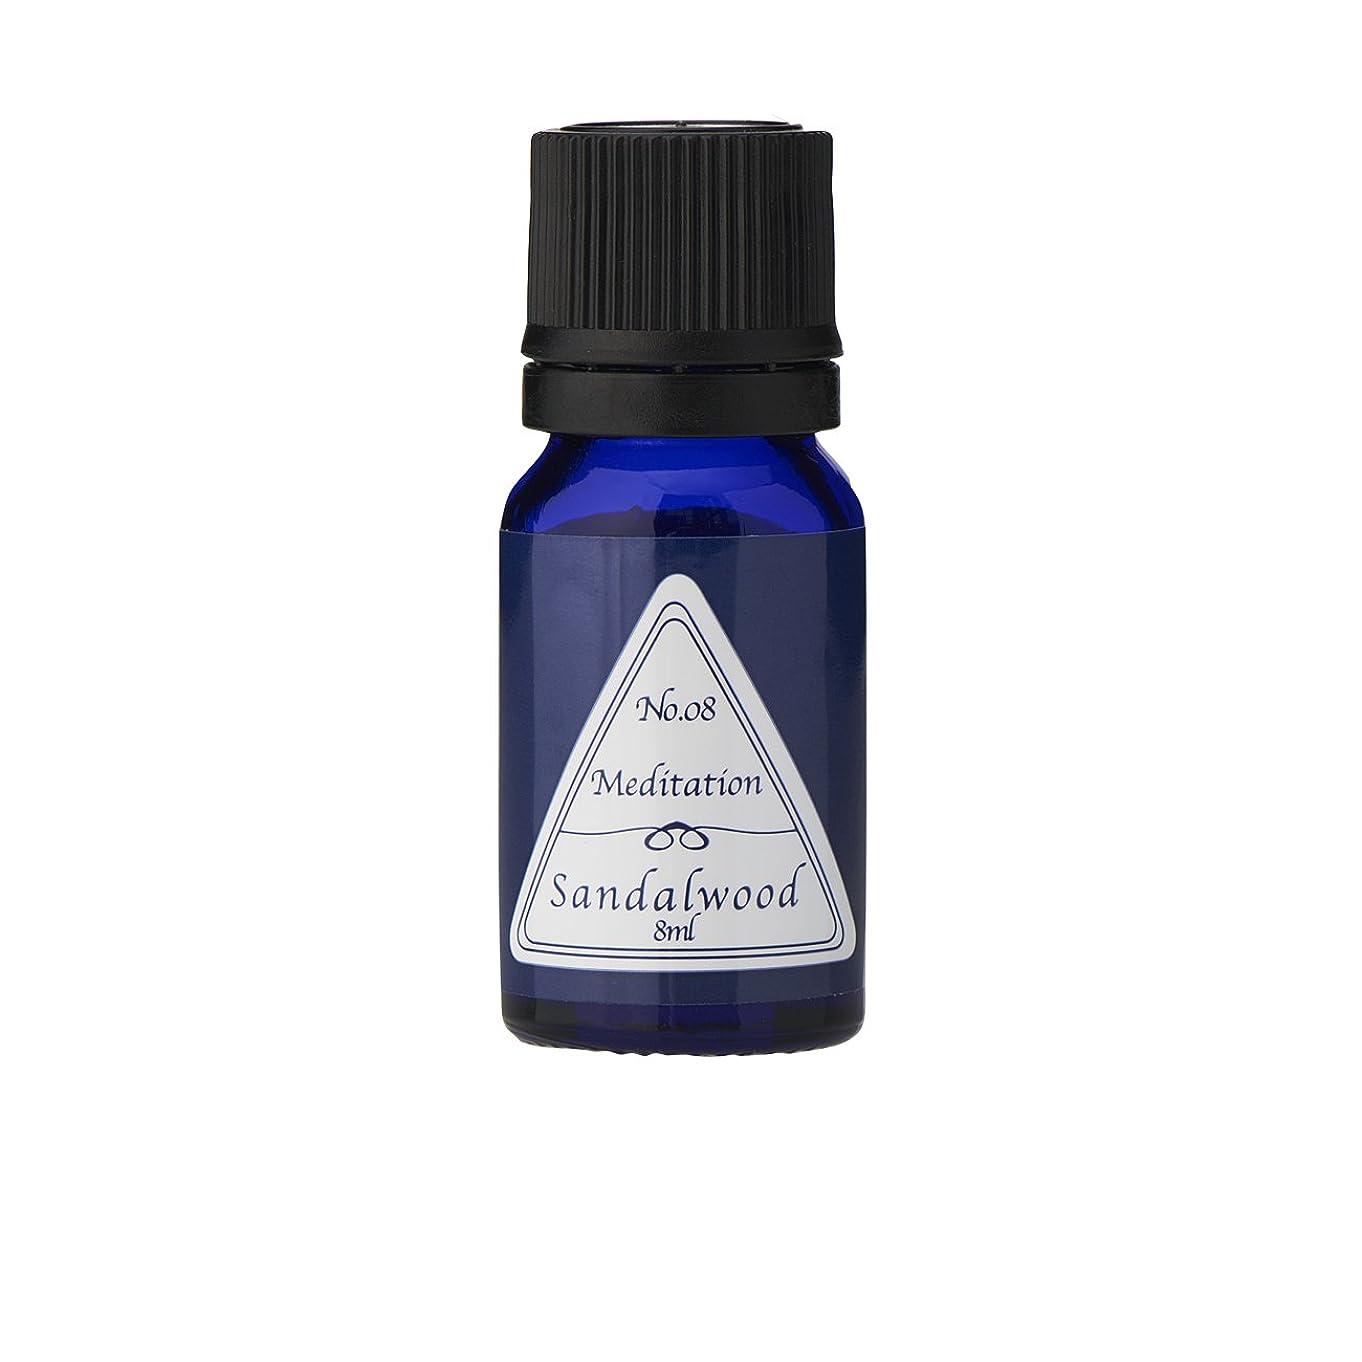 南西肥料ラジエーターブルーラベル アロマエッセンス8ml サンダルウッド(アロマオイル 調合香料 芳香用)